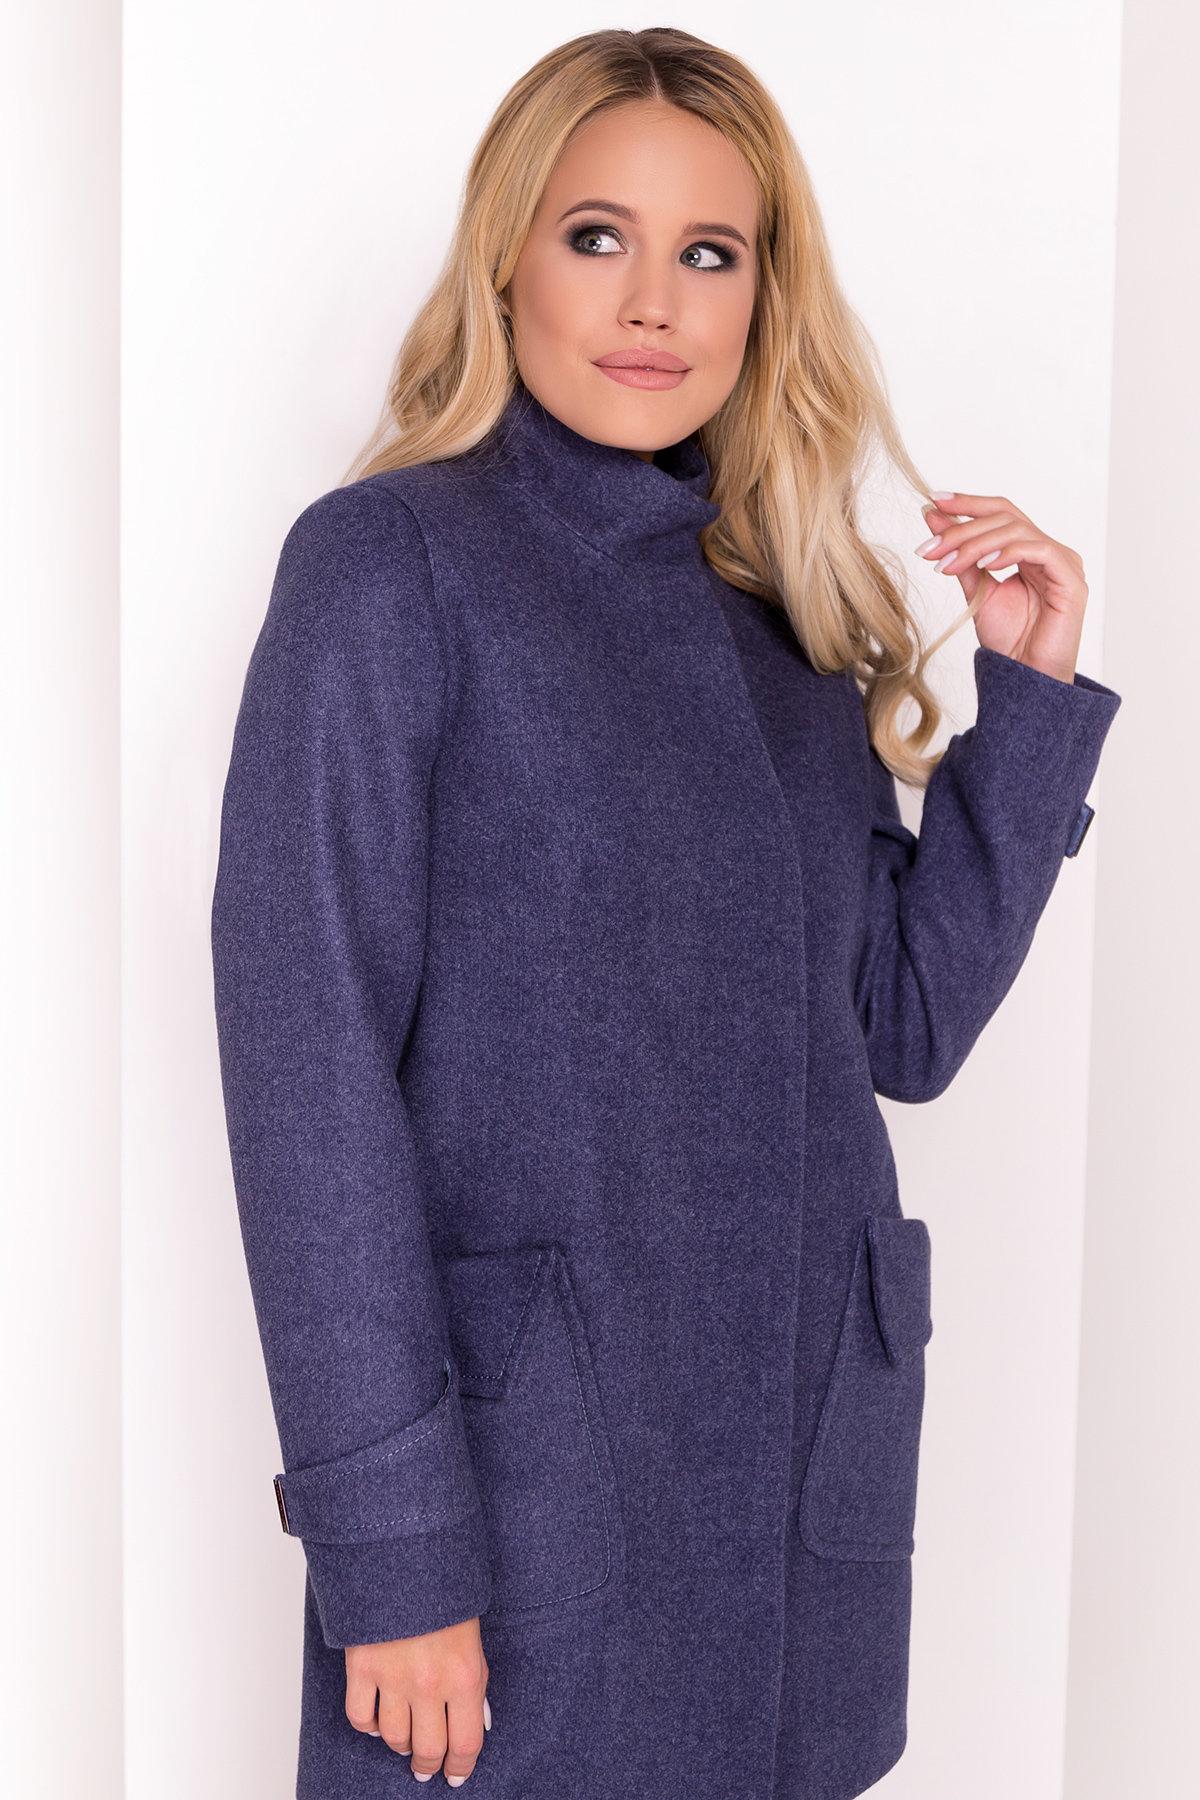 Демисезонное пальто с воротником стойка Эста 5417 АРТ. 36788 Цвет: Джинс - фото 3, интернет магазин tm-modus.ru